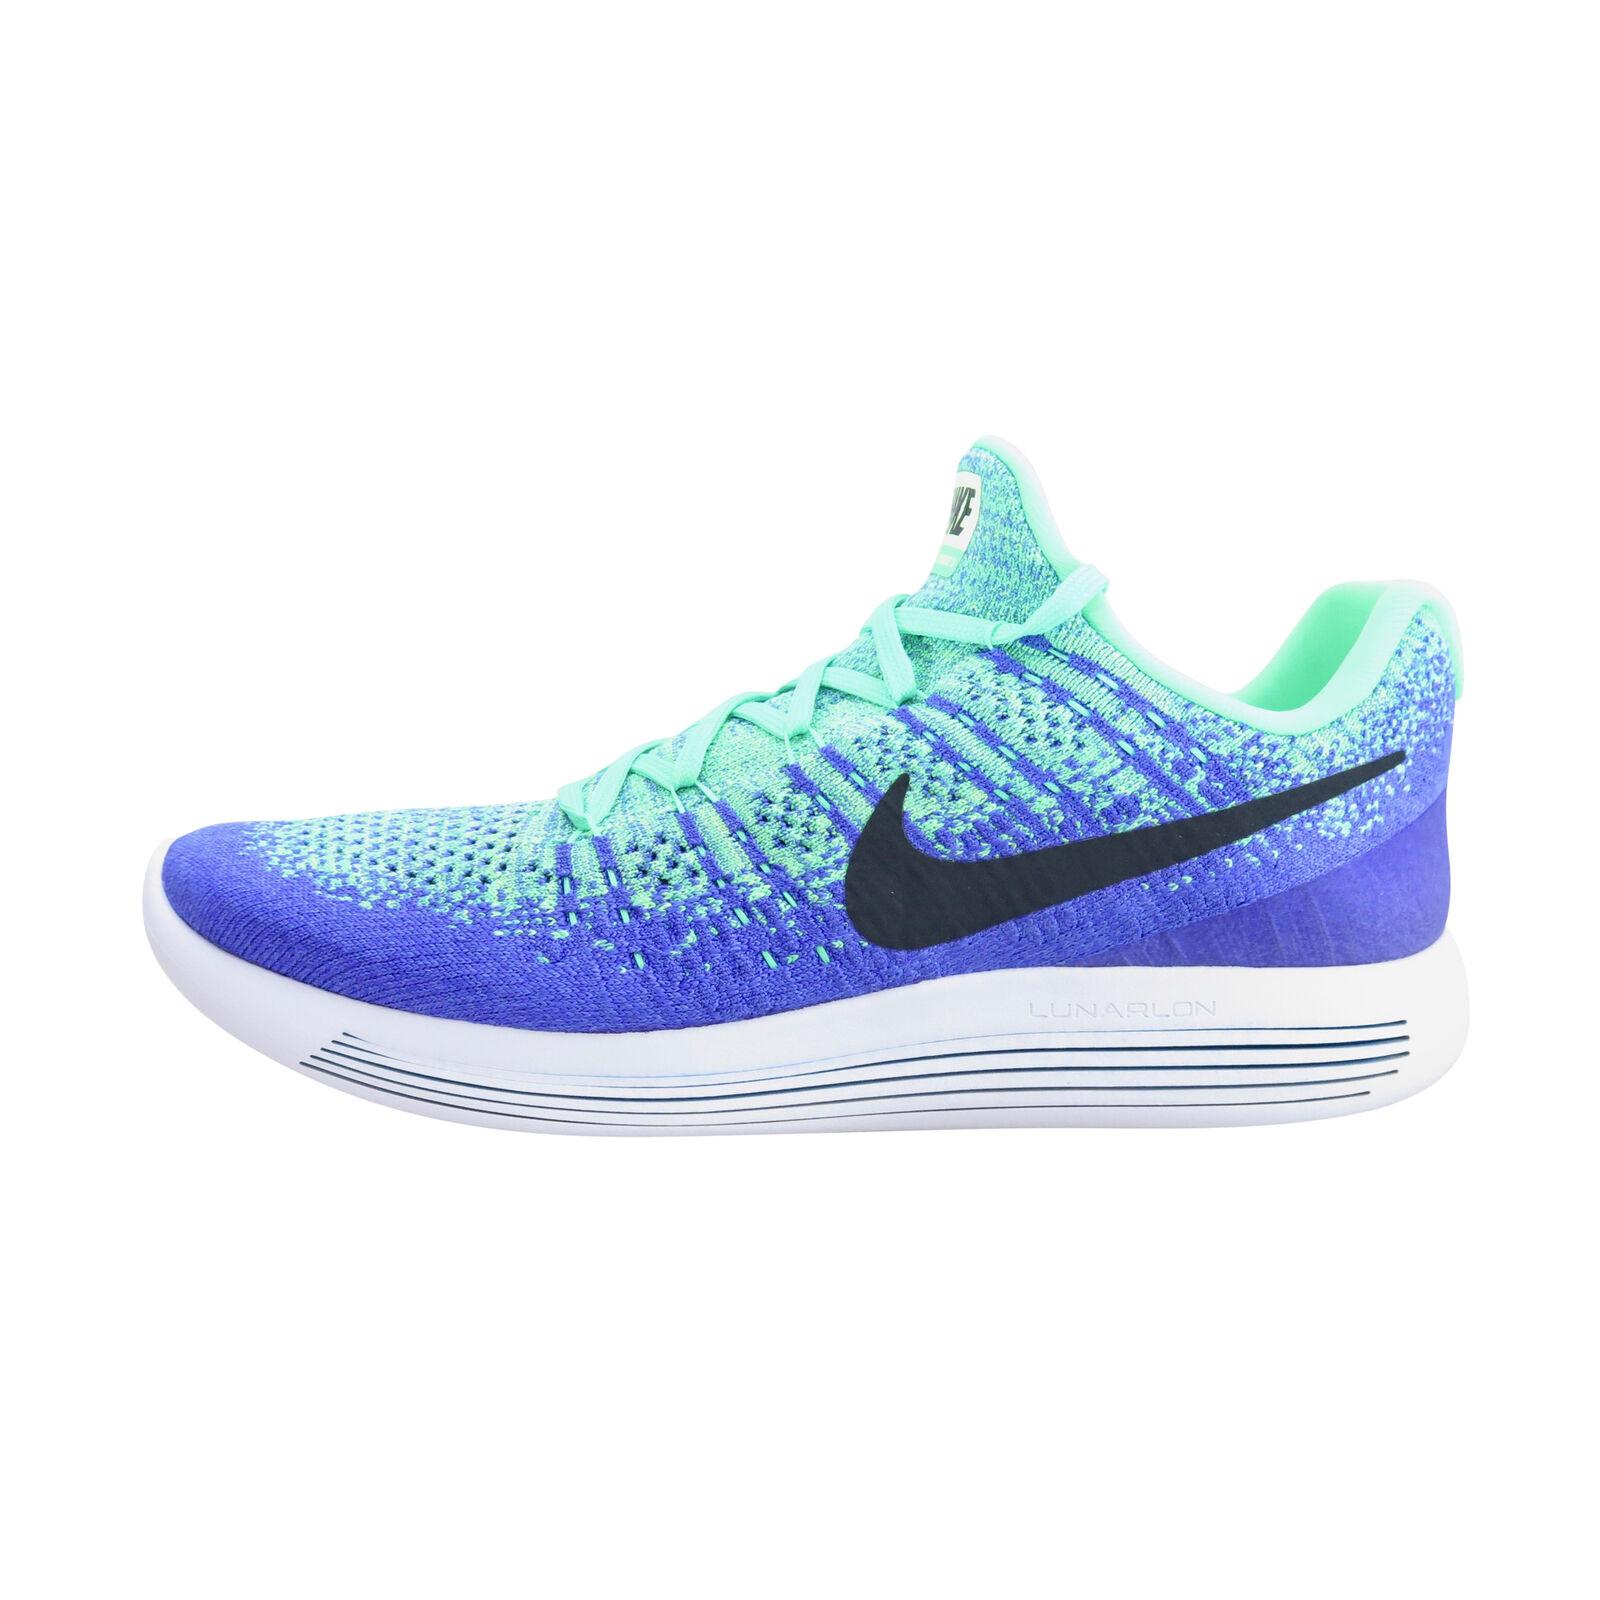 Nike LunarEpic Low Flyknit 2 blau grün 863779-301